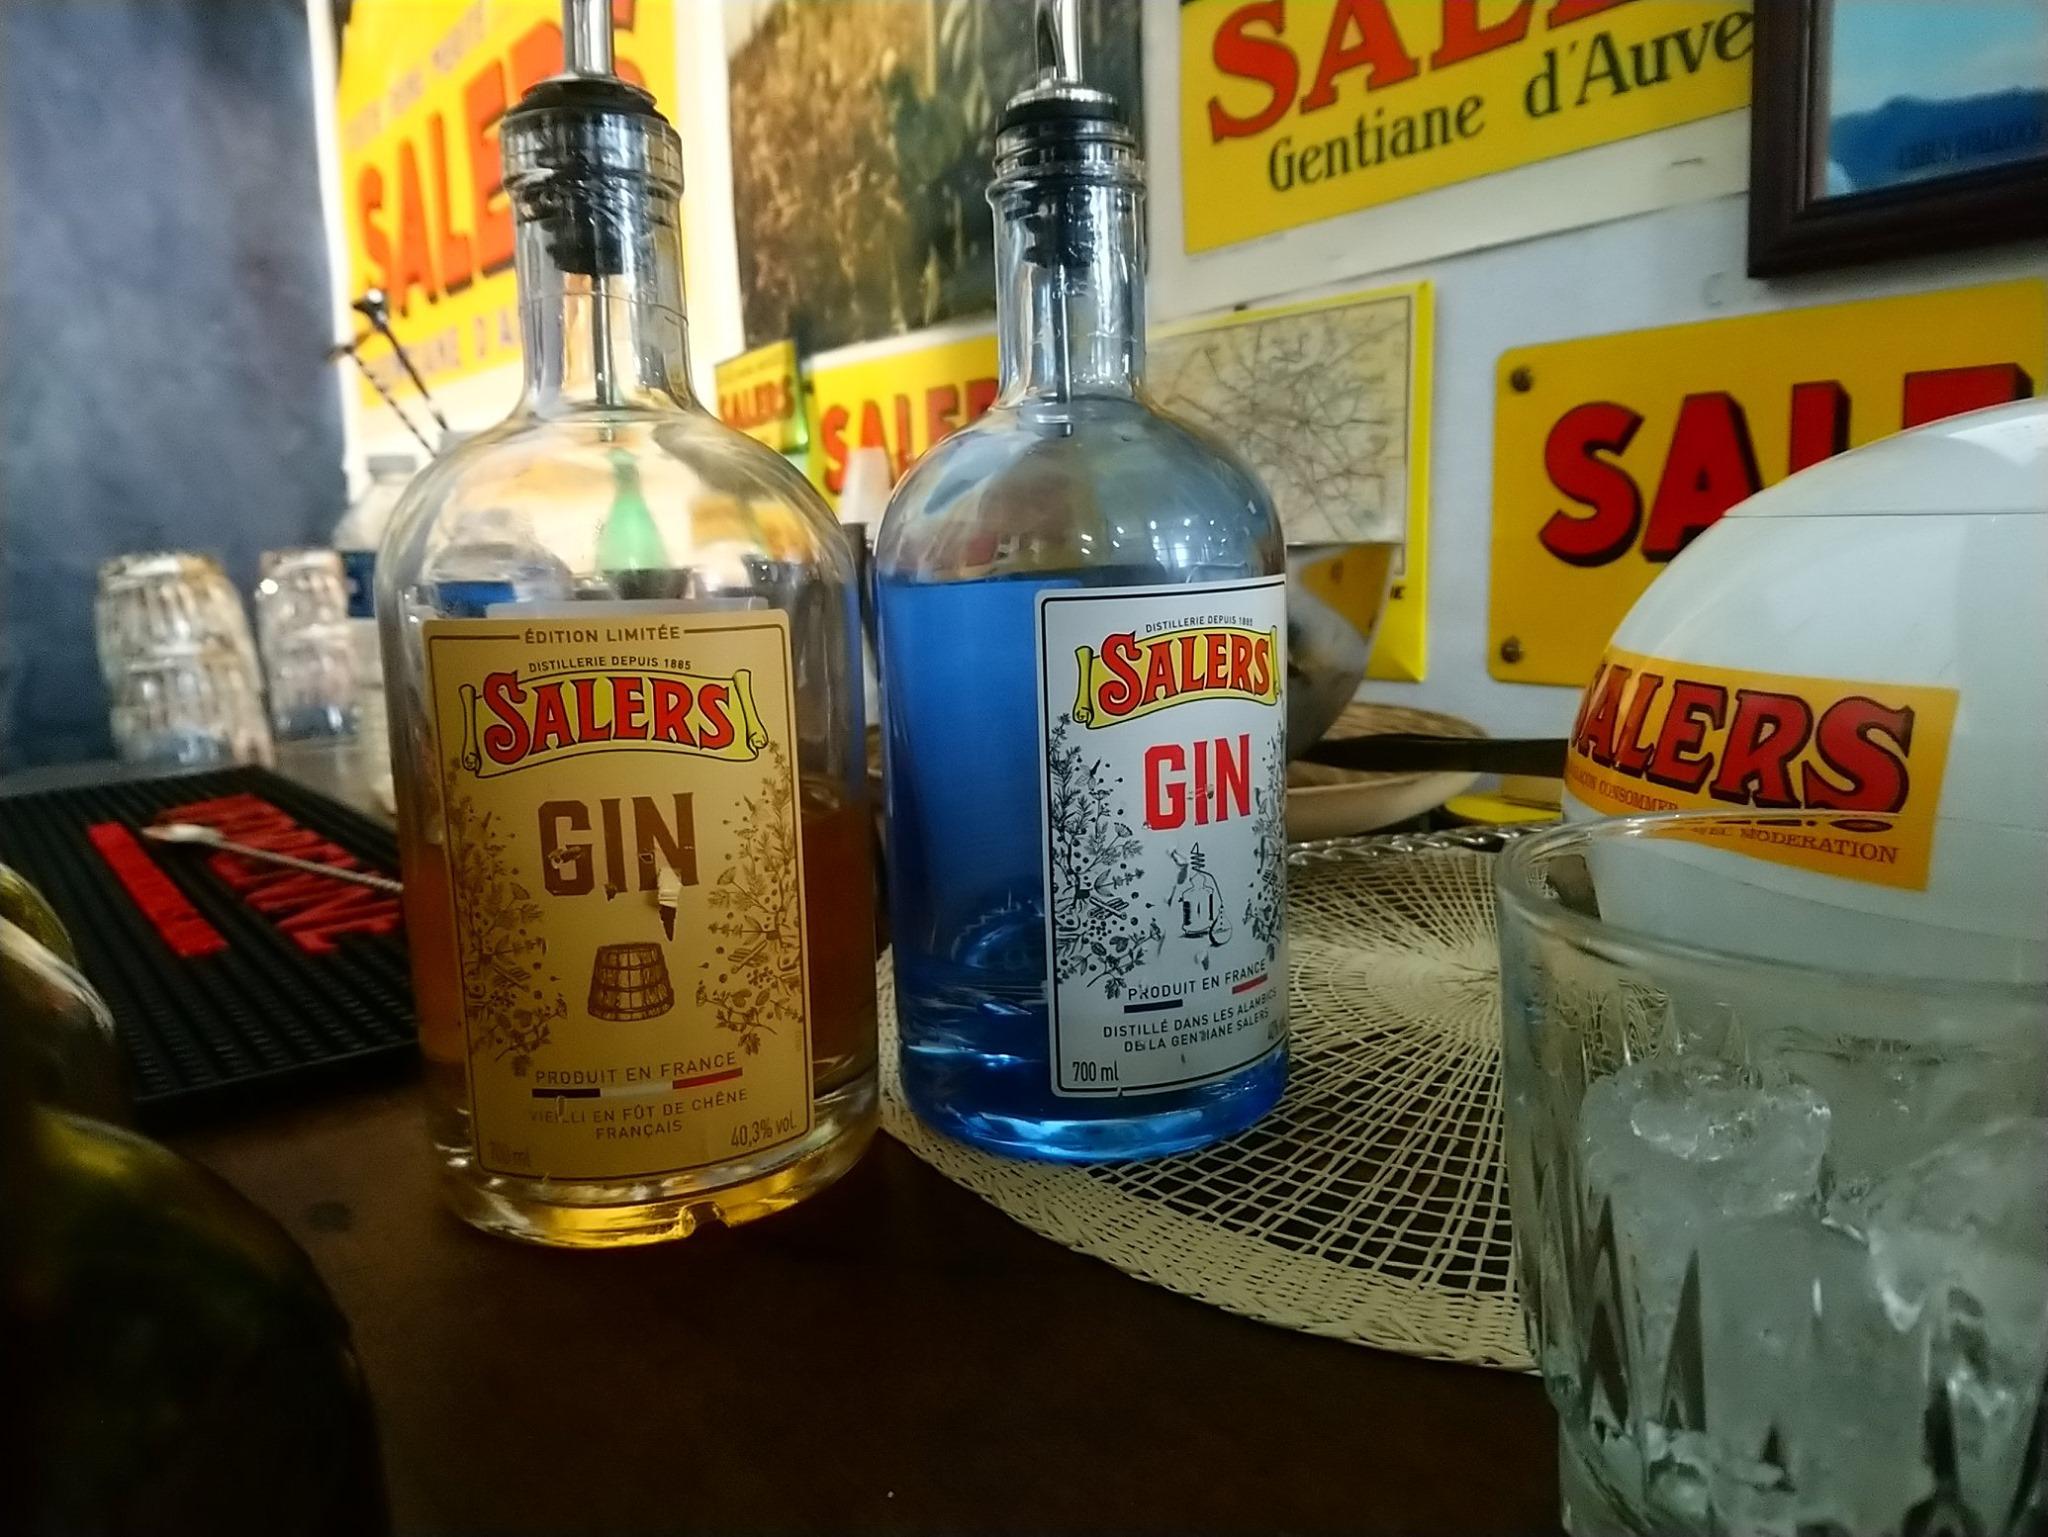 Gin Salers - Pagès Védrenne - Cocktails Spirits 2019